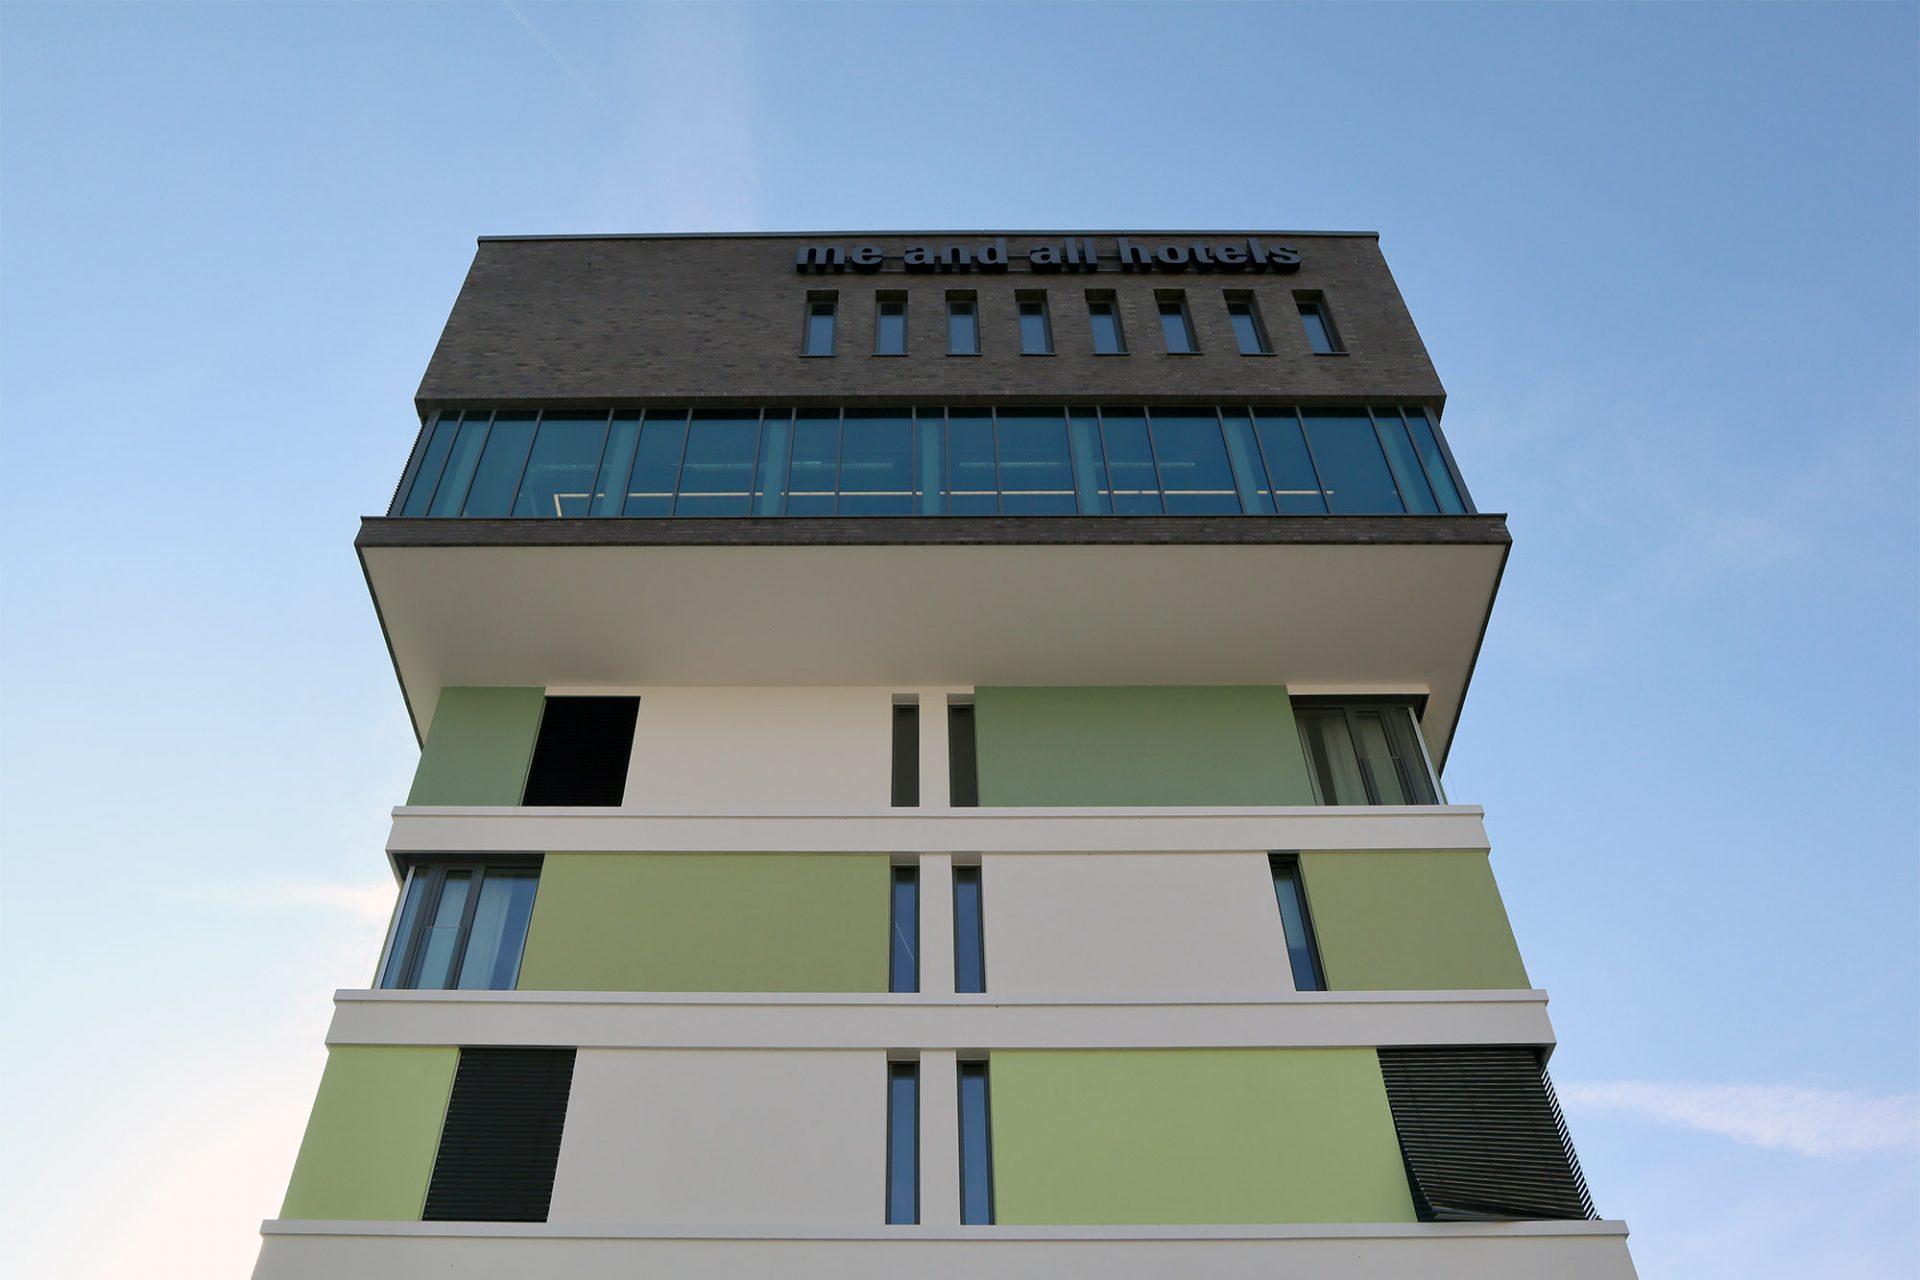 """""""me and all hotel mainz"""". Entwurf: Infra System GmbH und mann+schneberger Architekten, Fertigstellung: 2018"""